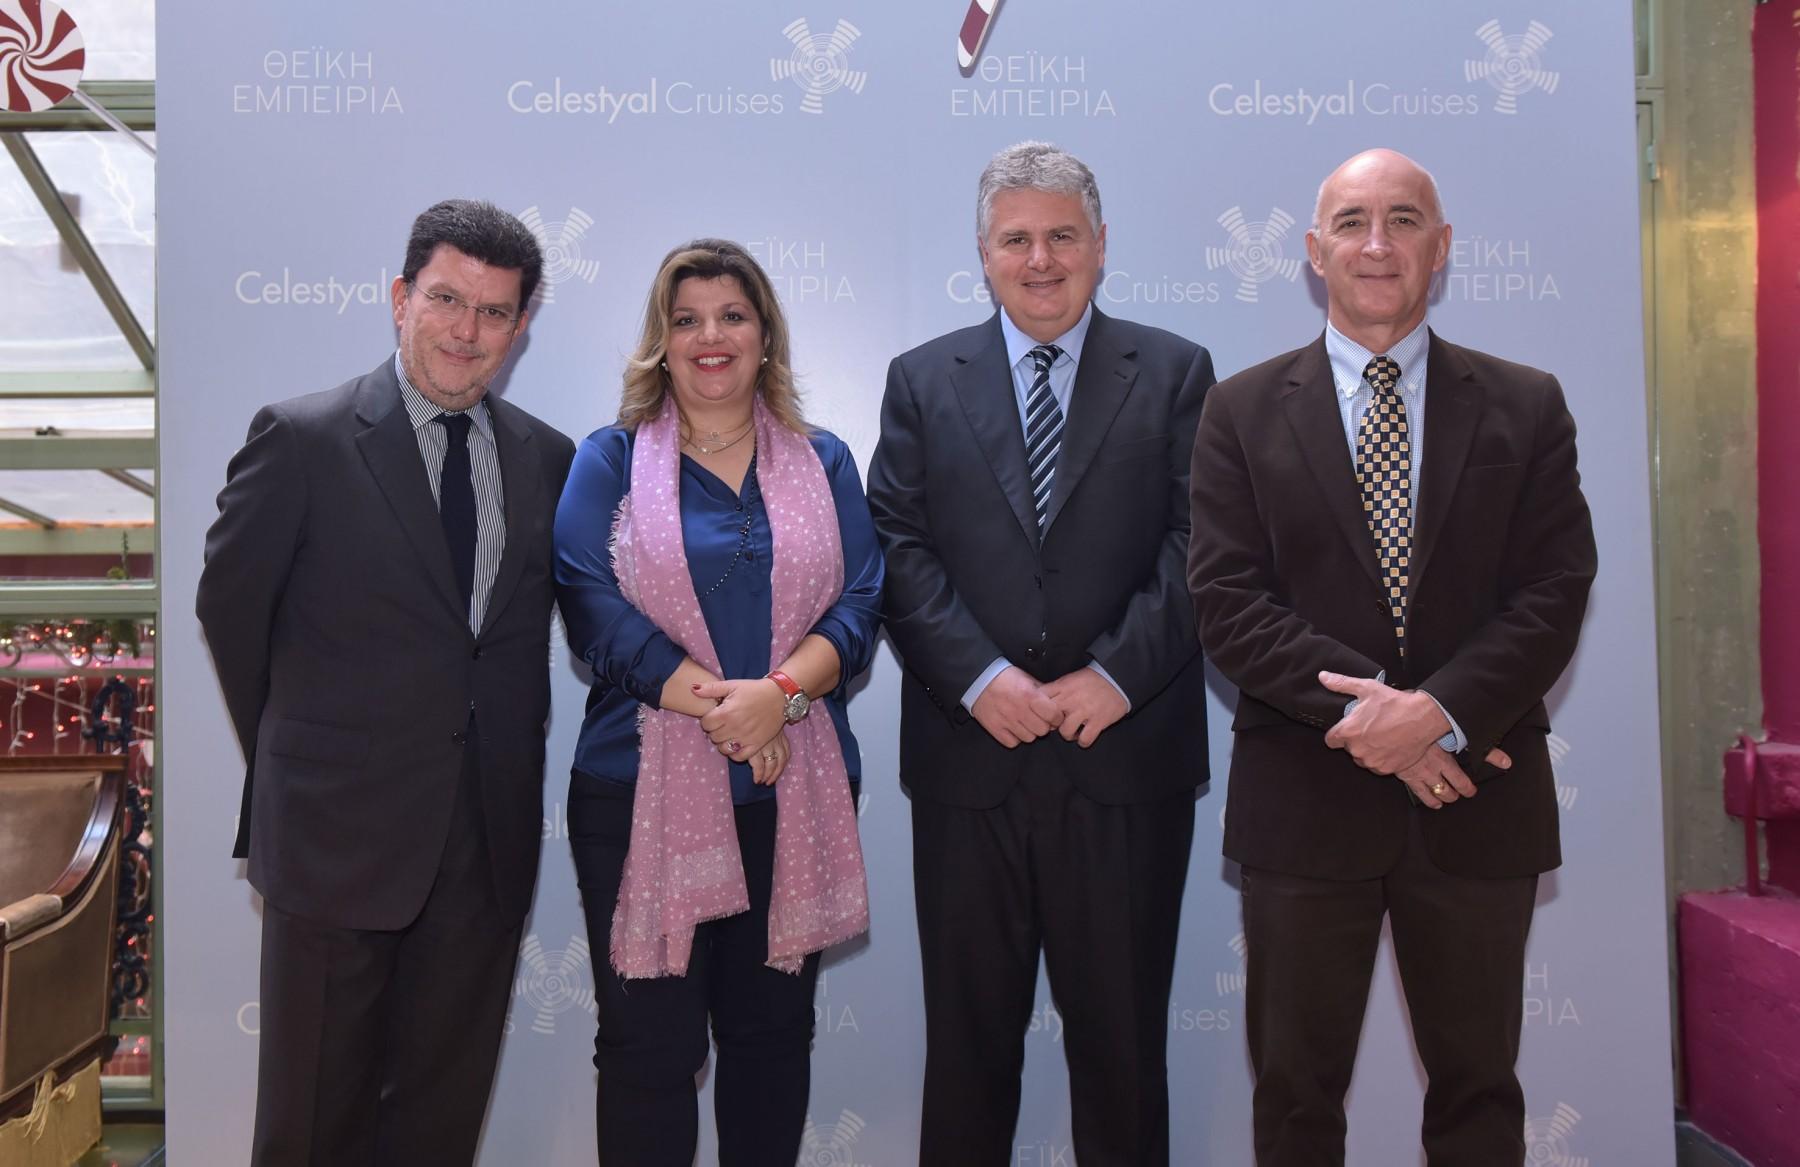 Από αριστερά: κ. Πυθαγόρας Νάγος, Αντιπρόεδρος Πωλήσεων - κα Φρόσω Ζαρουλέα, Διευθύντρια Δημοσίων Σχέσεων - καπ. Γιώργος Κουμπενάς, Αντιπρόεδρος Επιχειρήσεων - Κυριάκος Αναστασιάδης, Διευθύνων Σύμβουλος Celestyal Cruises